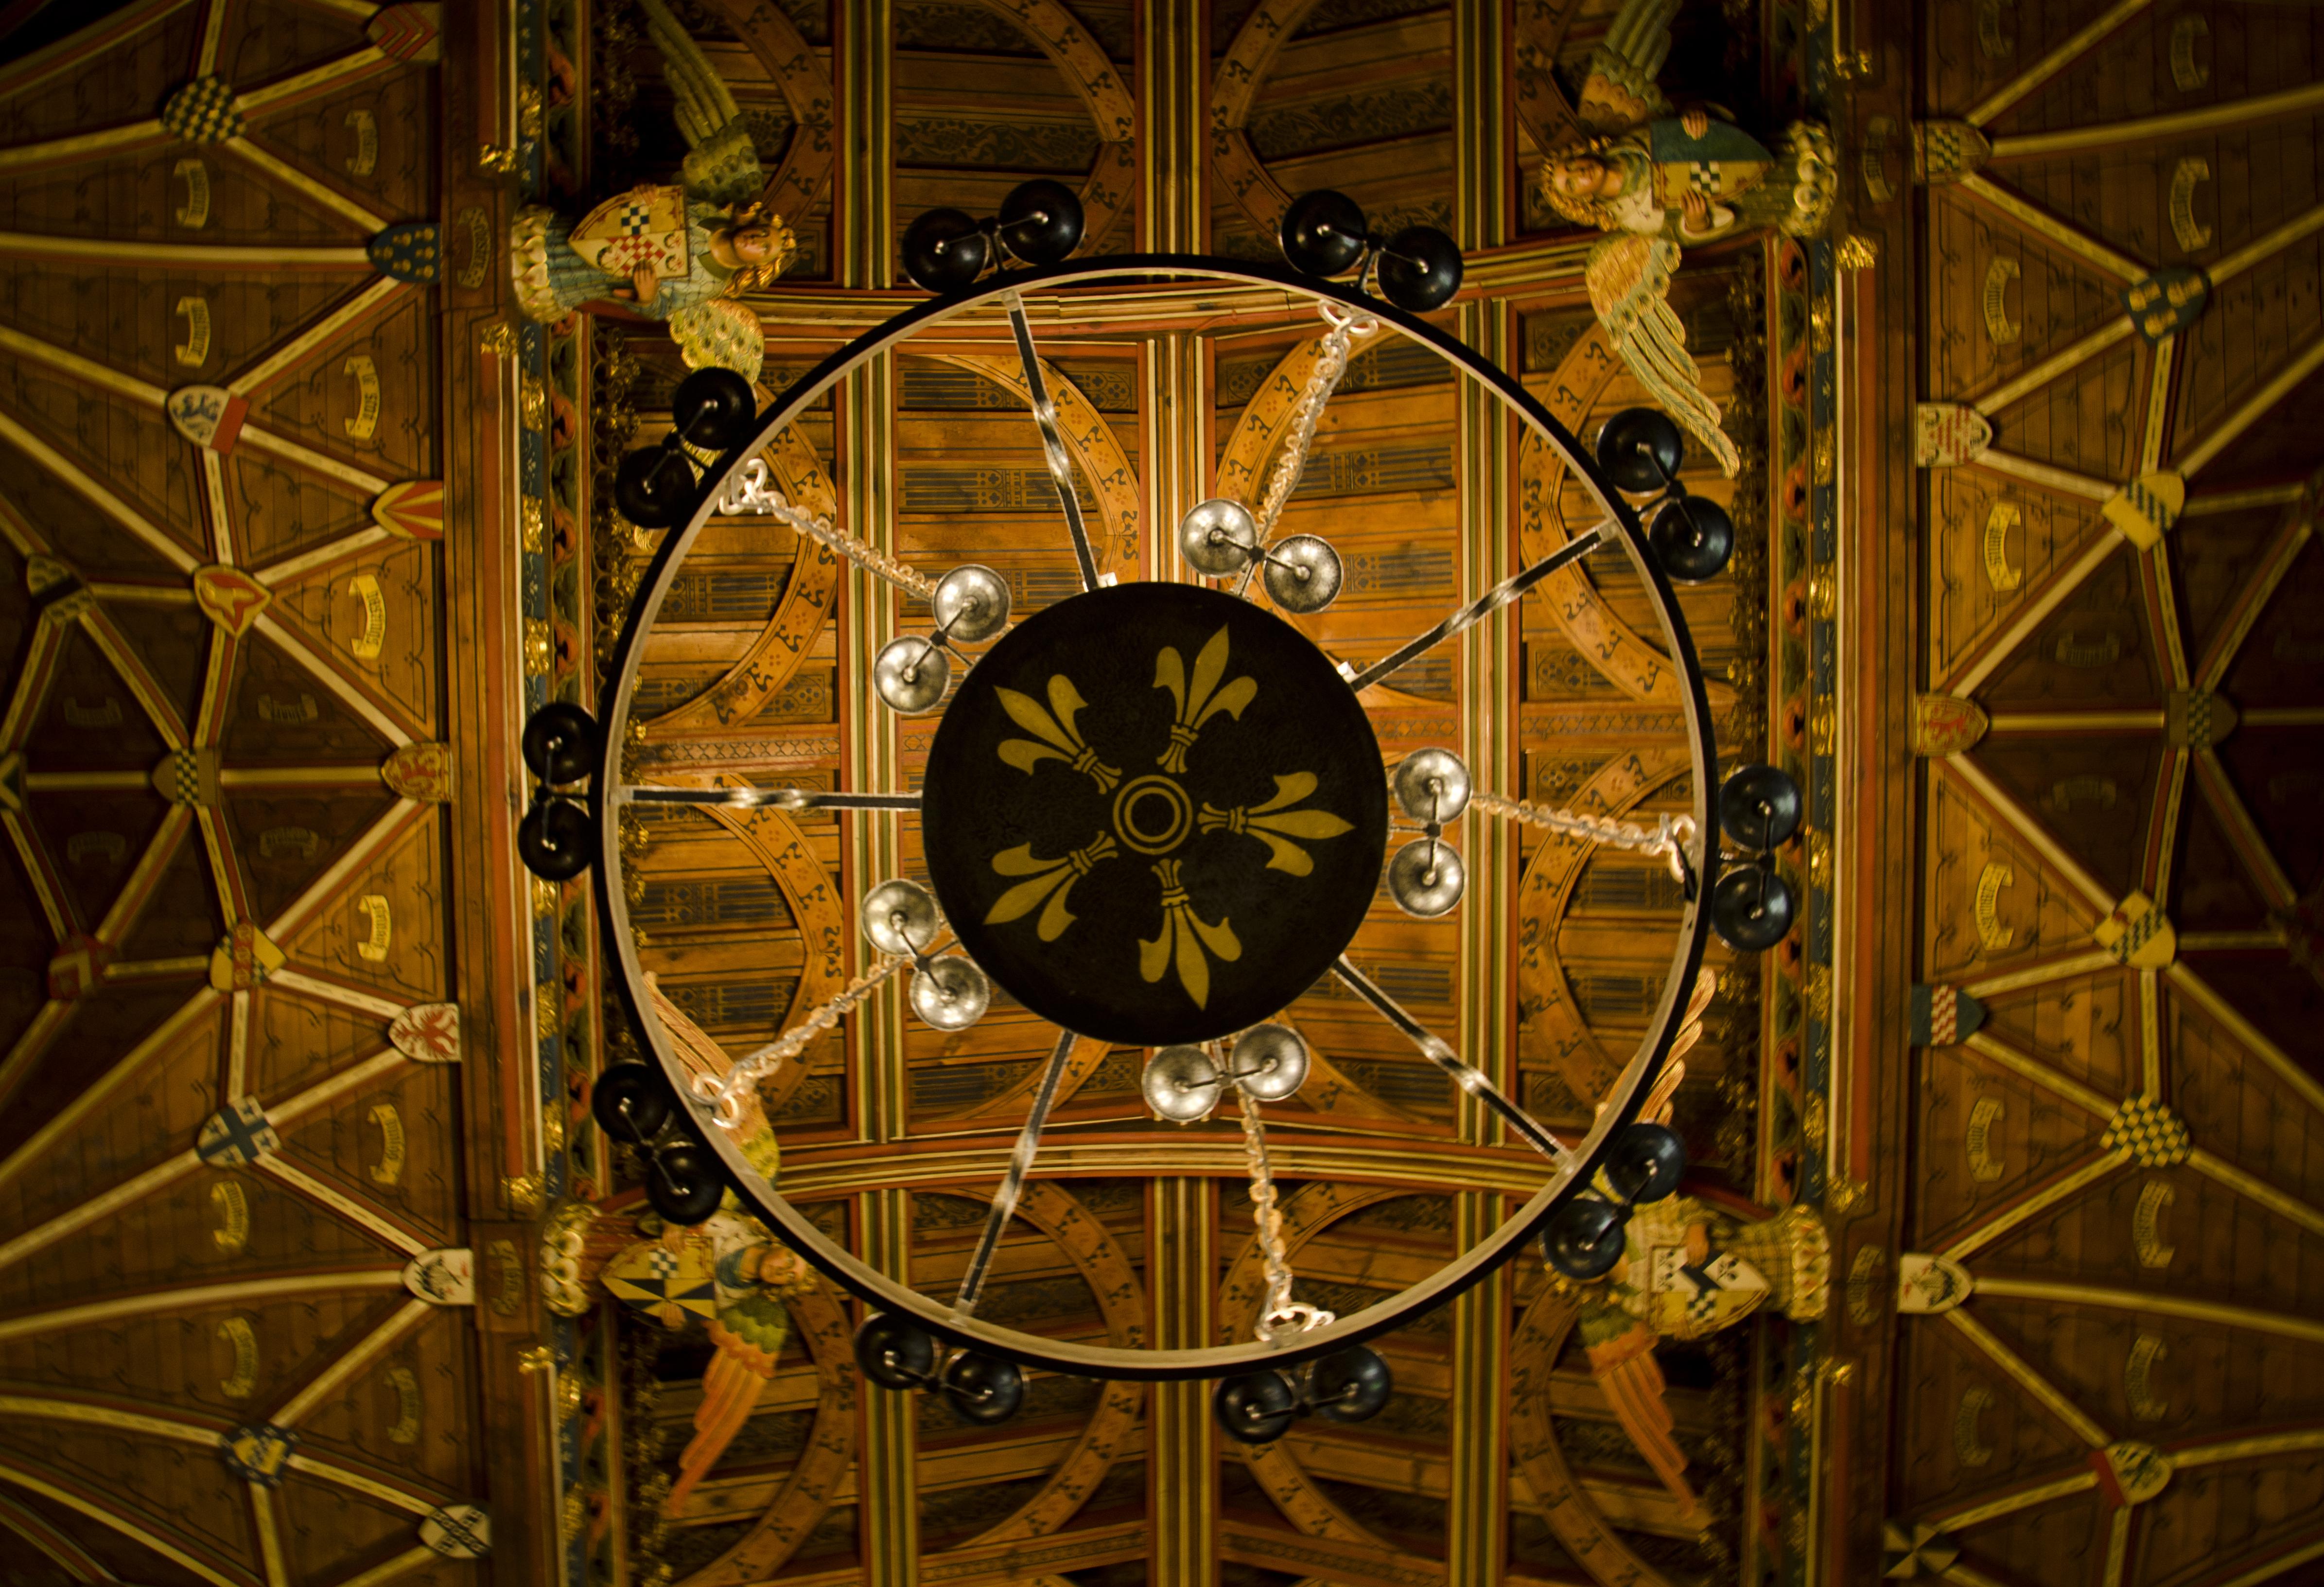 file:cardiff castle interior - wikimedia commons